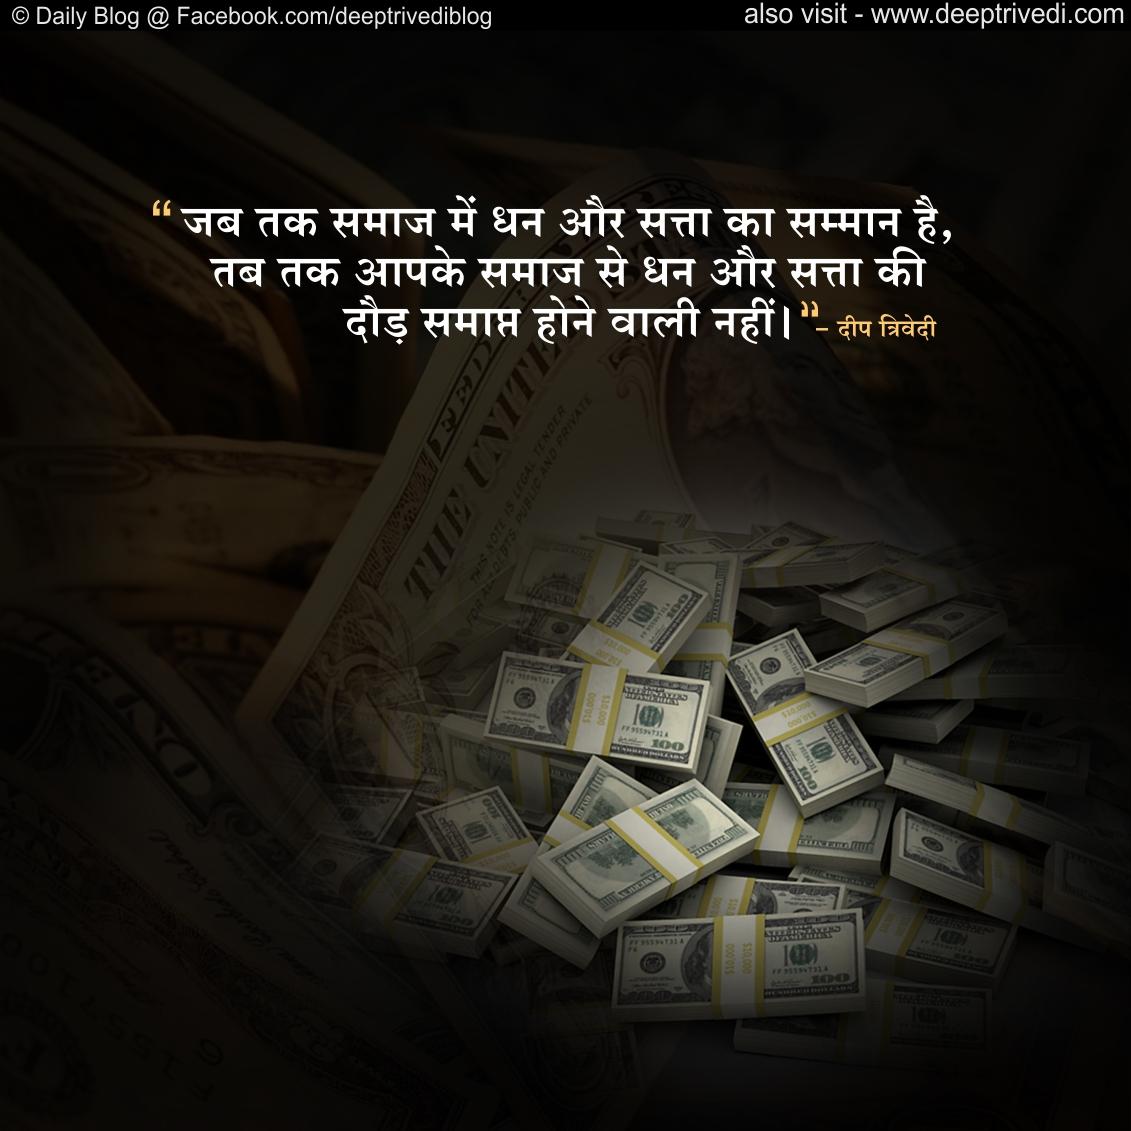 समाज में धन और सत्ता